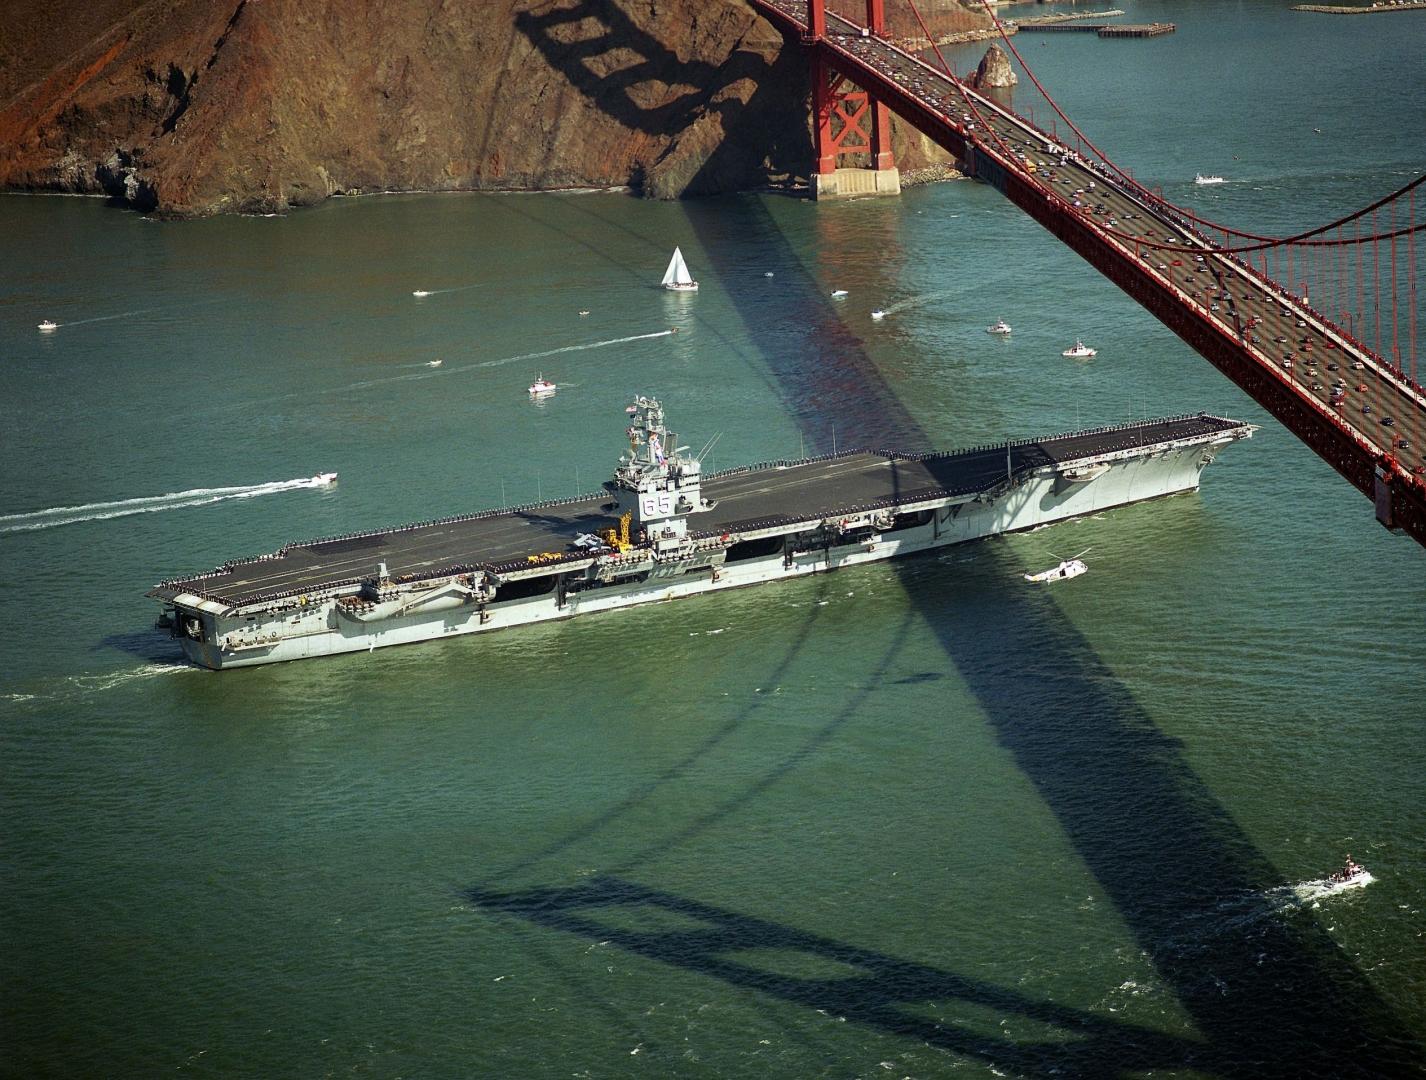 Атомный авианосец «Энтерпрайз» проходит под мостом